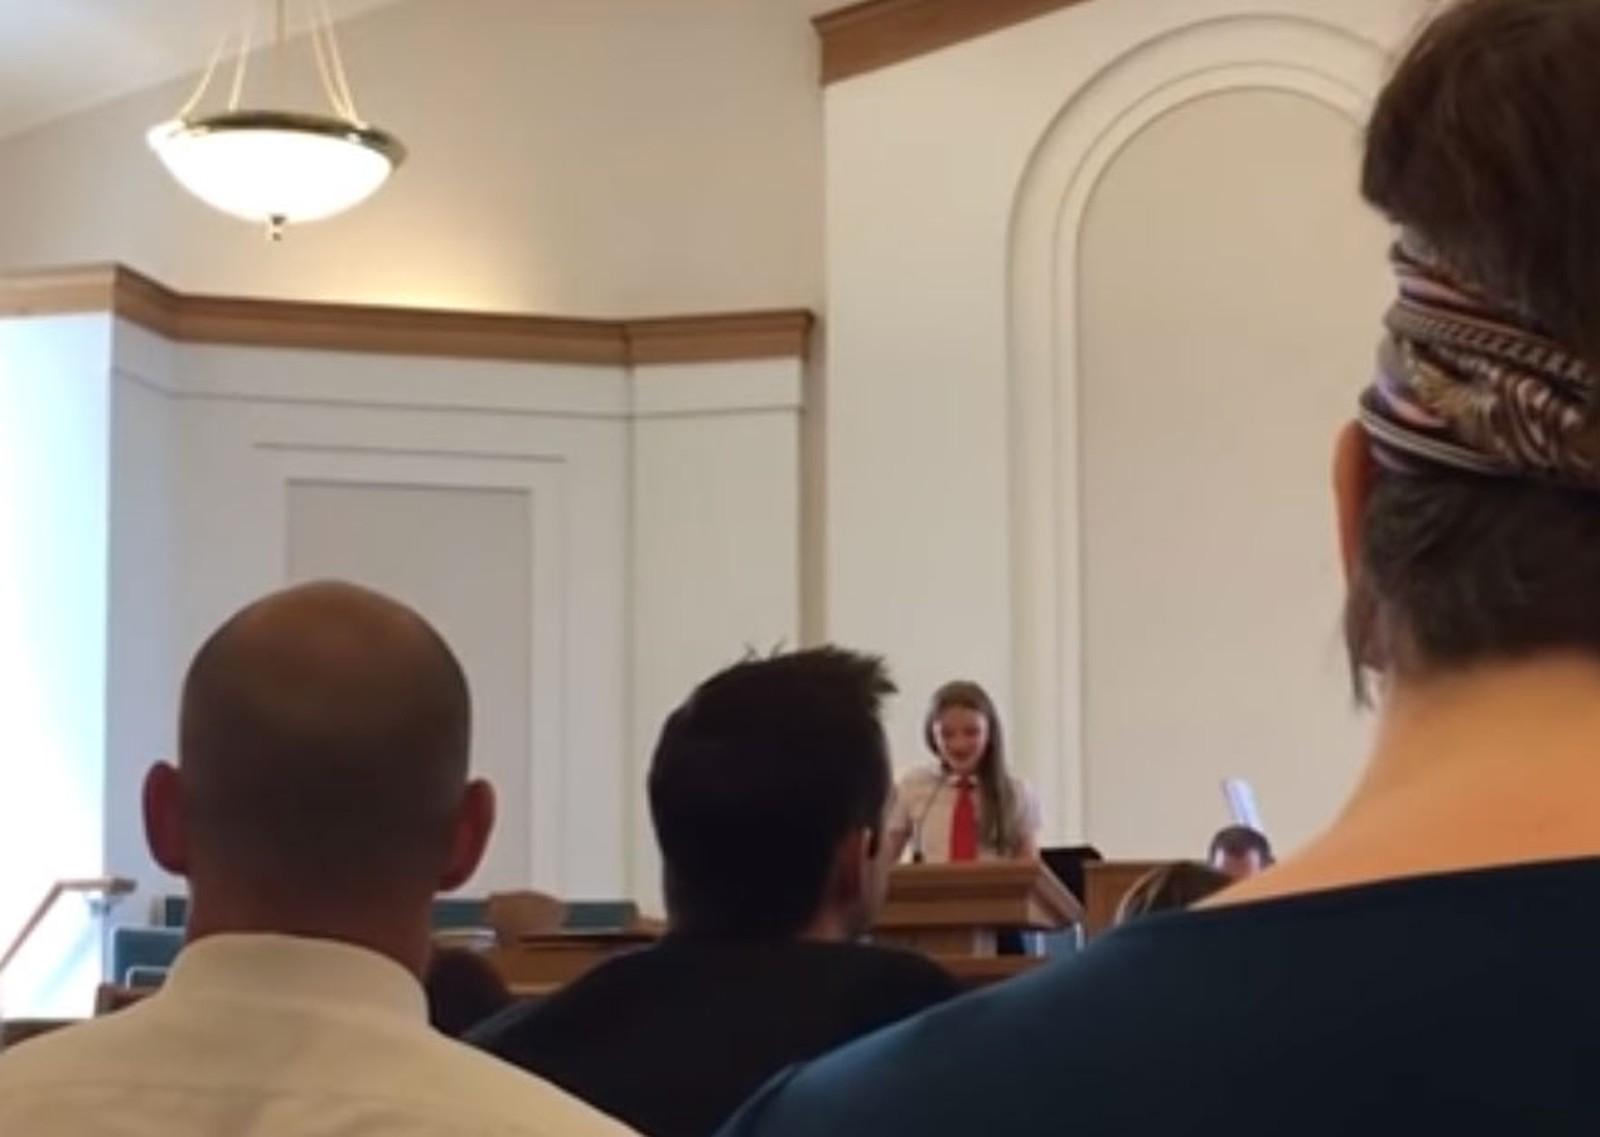 Menina de 12 anos pede a palavra em encontro mórmon nos EUA e declara ser lésbica